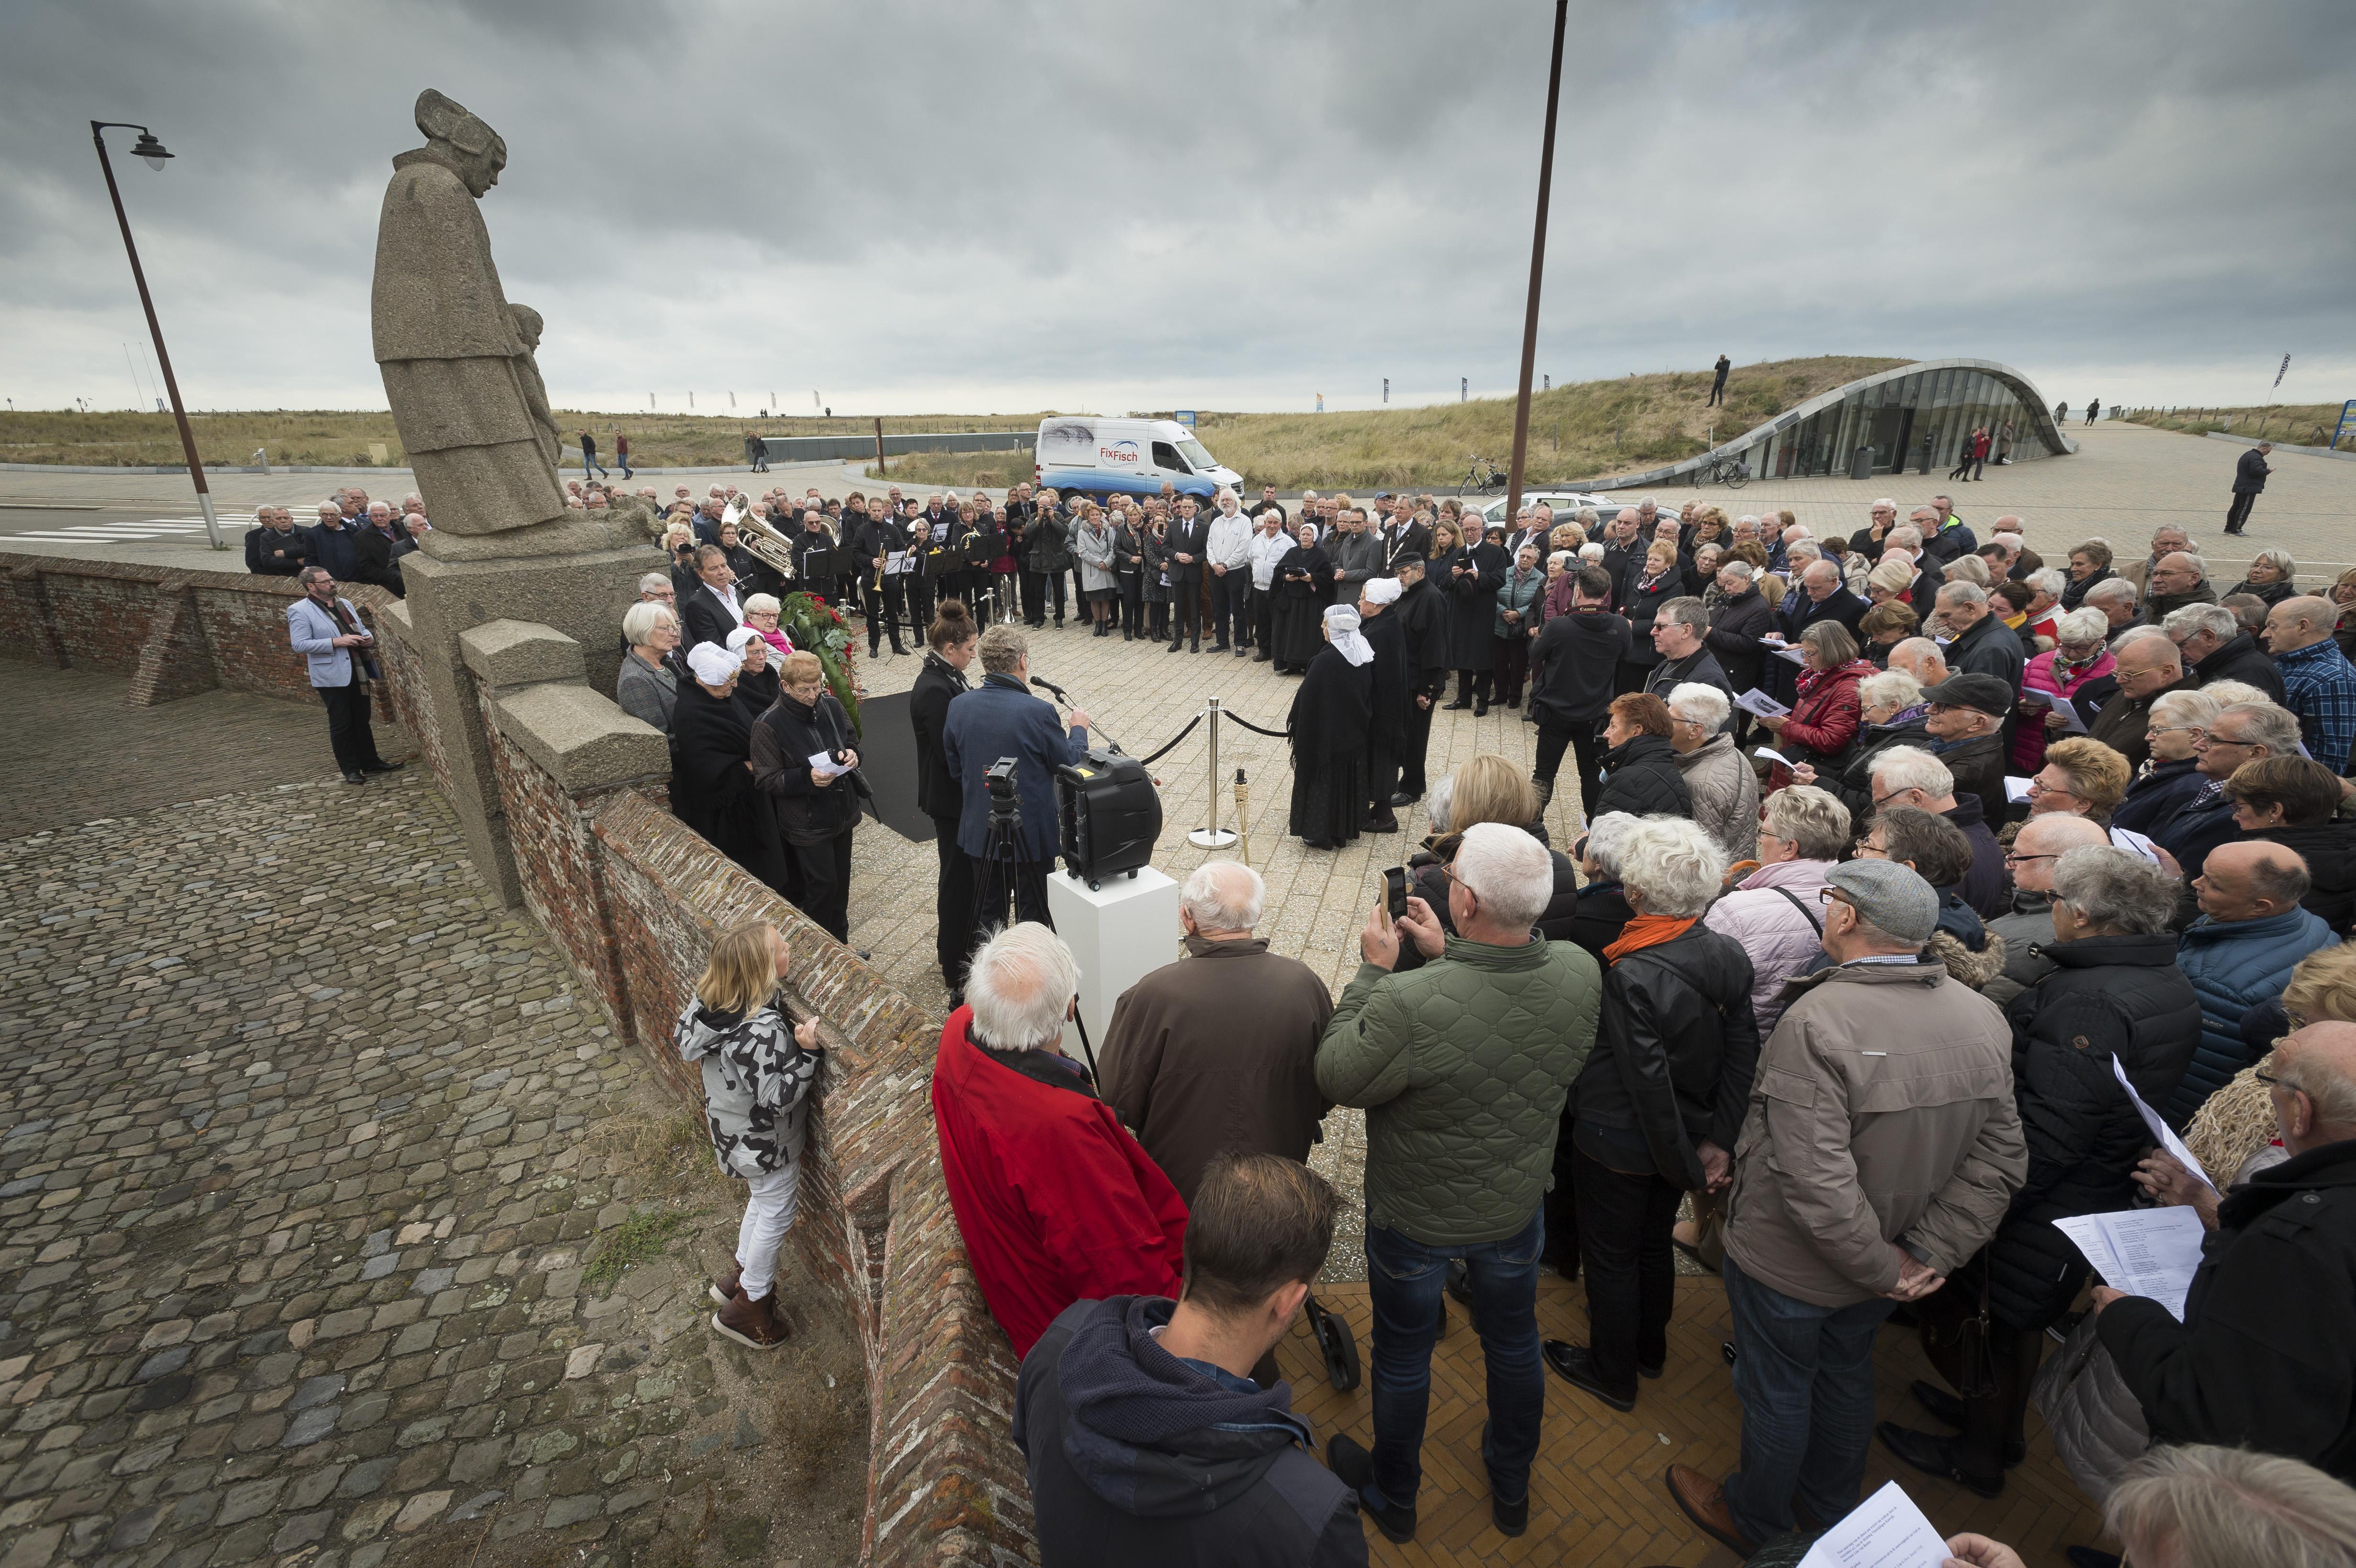 Herdenking bij monument in Katwijk voor overleden vissers. Zoals Willem Ouwehand en Jacob Schaap die met de KW103 vanuit IJmuiden naar zee vertrokken en nooit terugkeerden